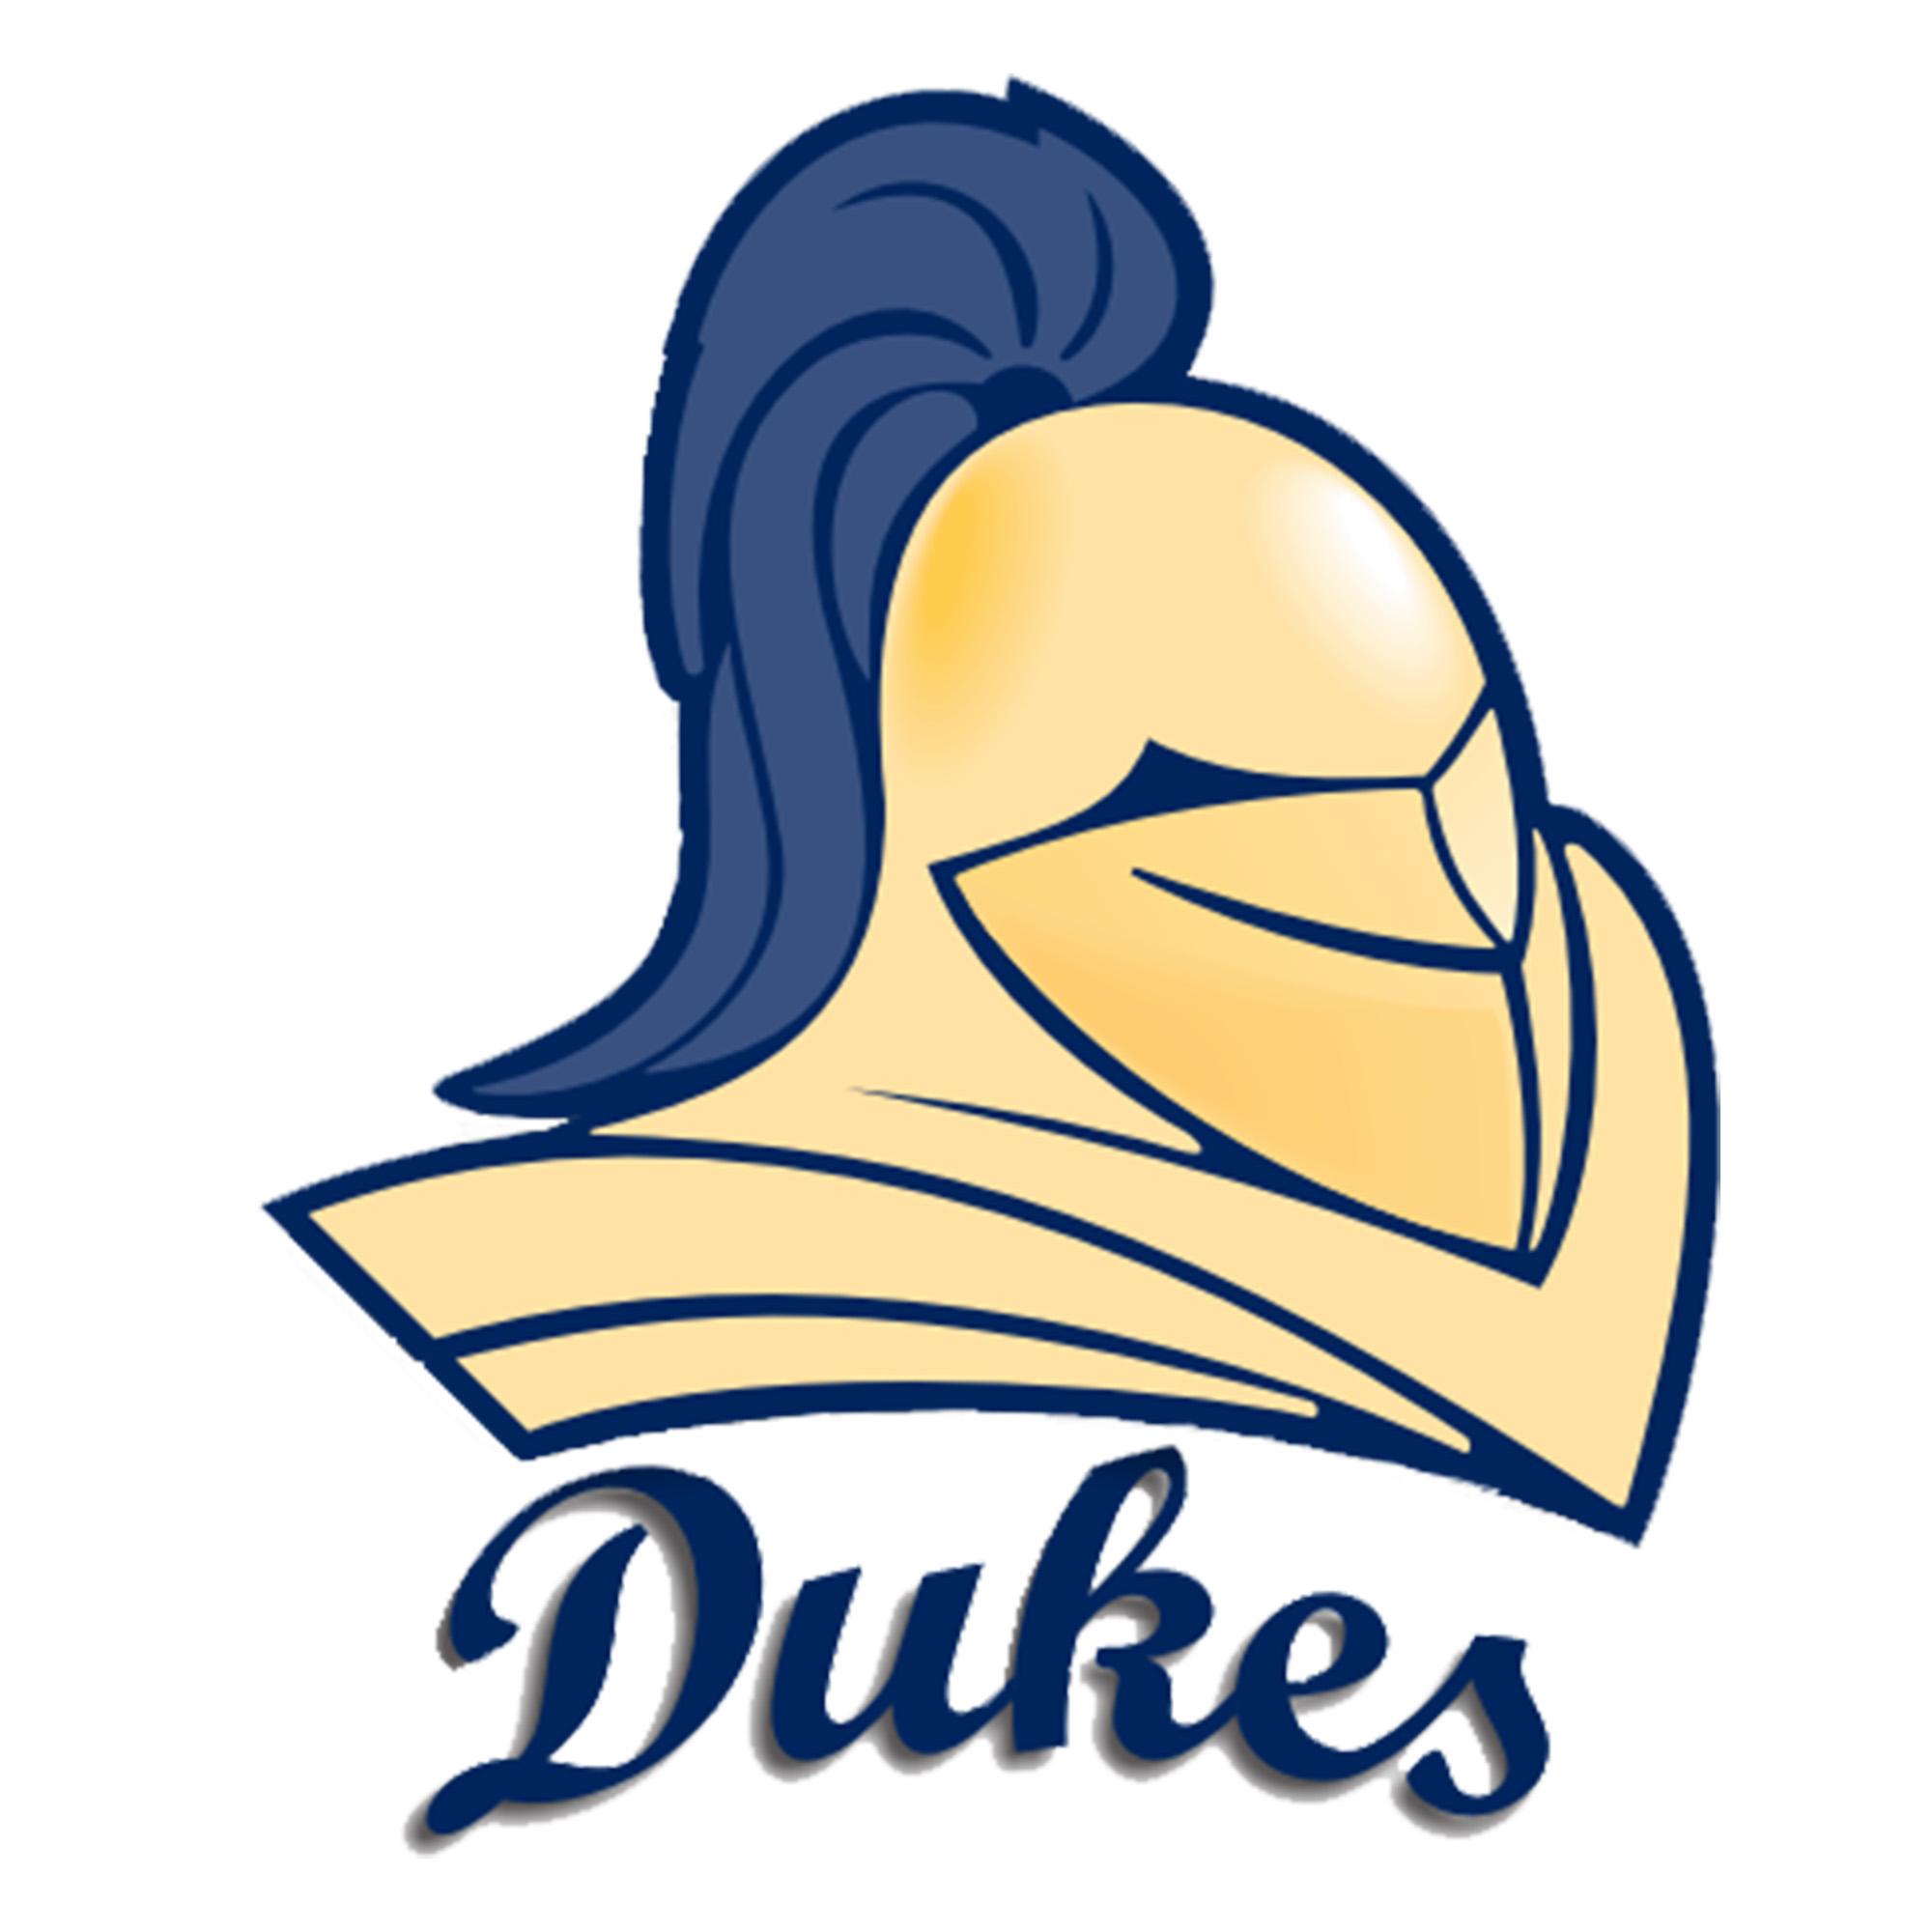 York Dukes Activities